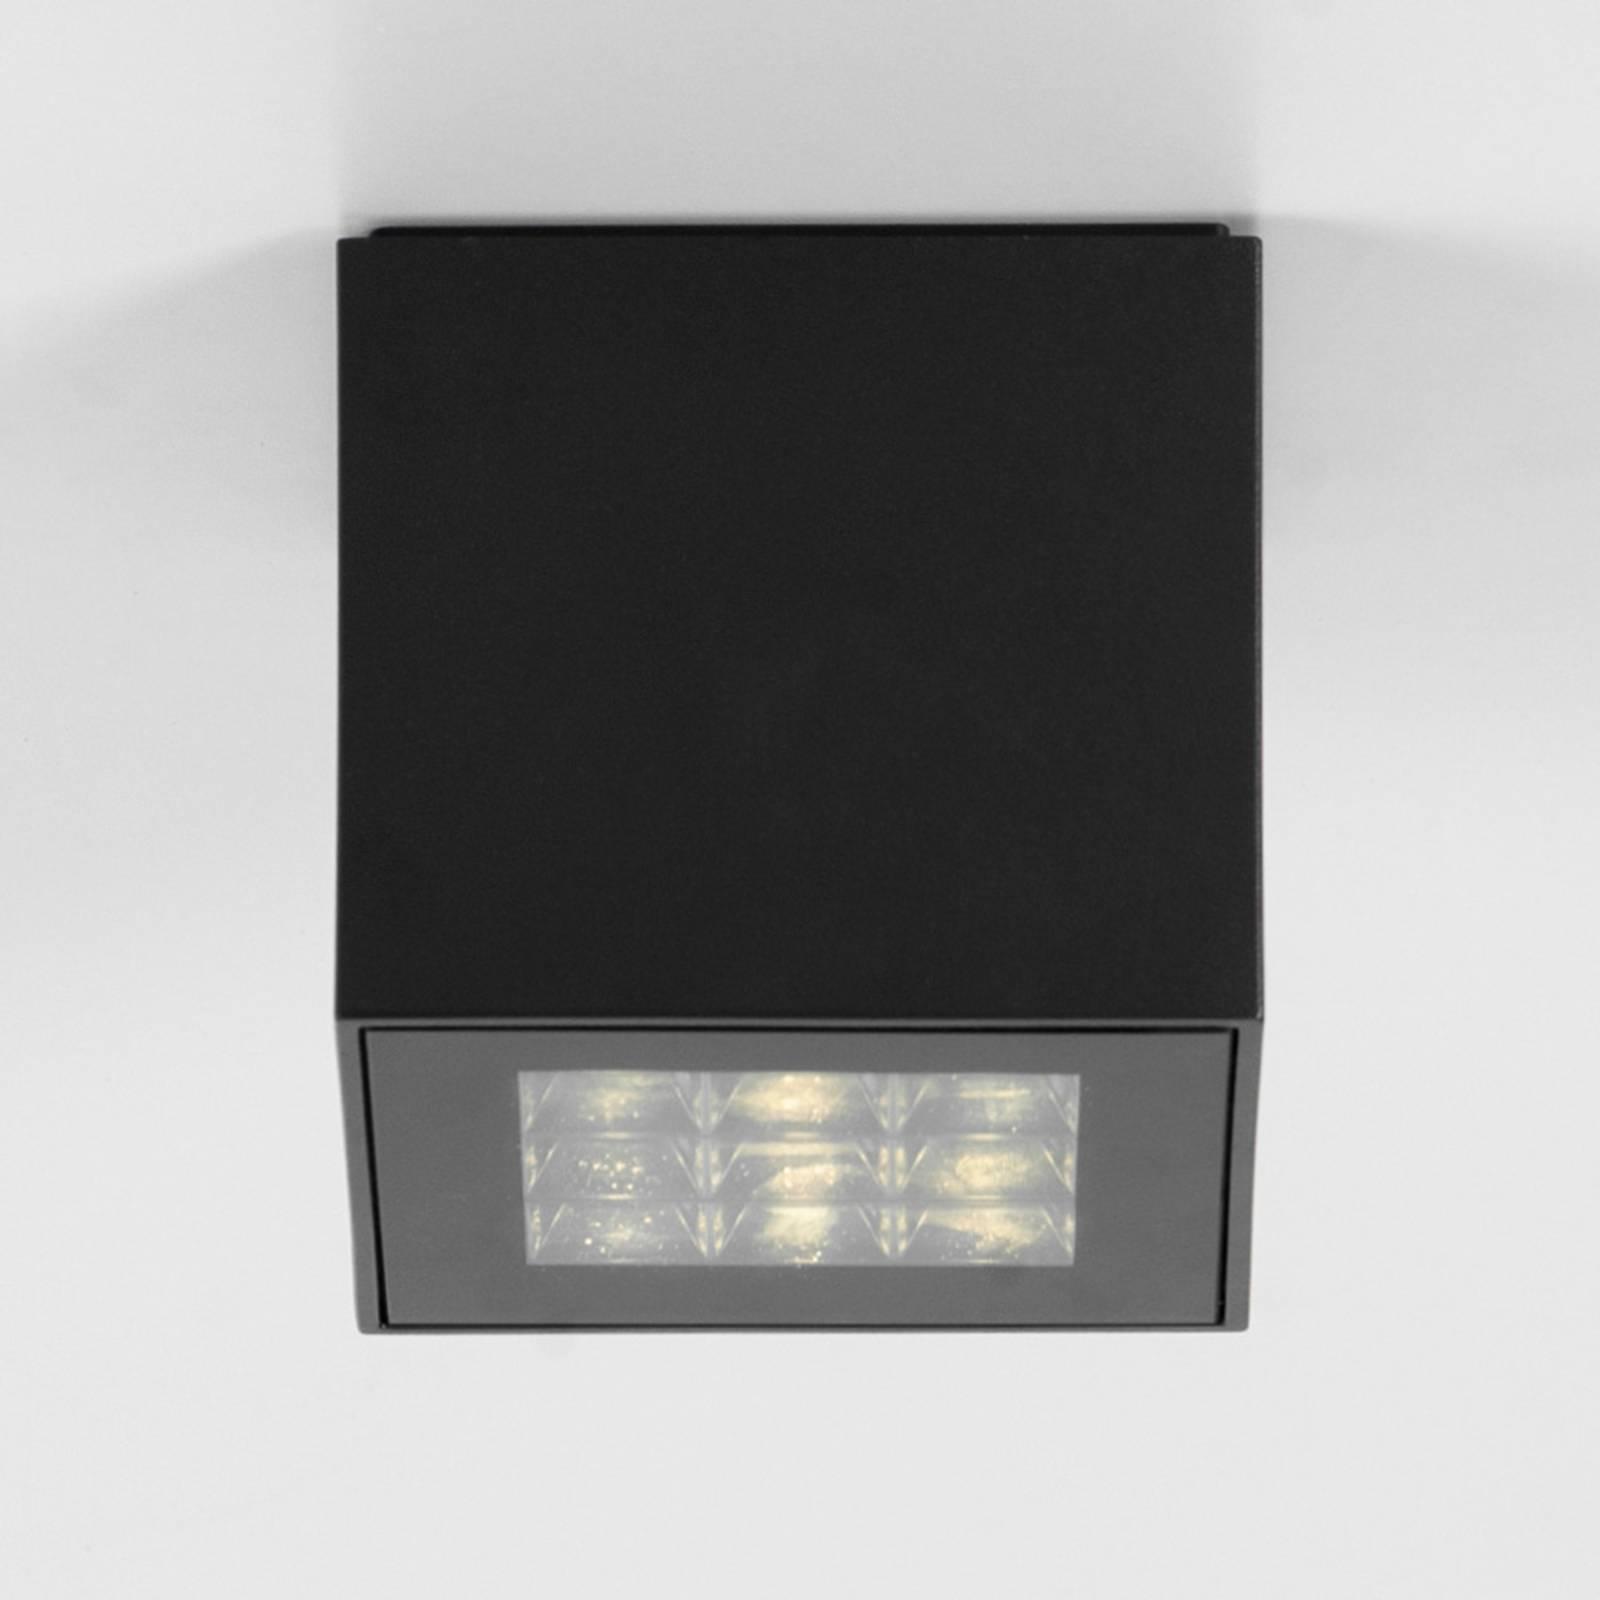 BRUMBERG Blokk LED-Deckenleuchte, 11 x 11 cm